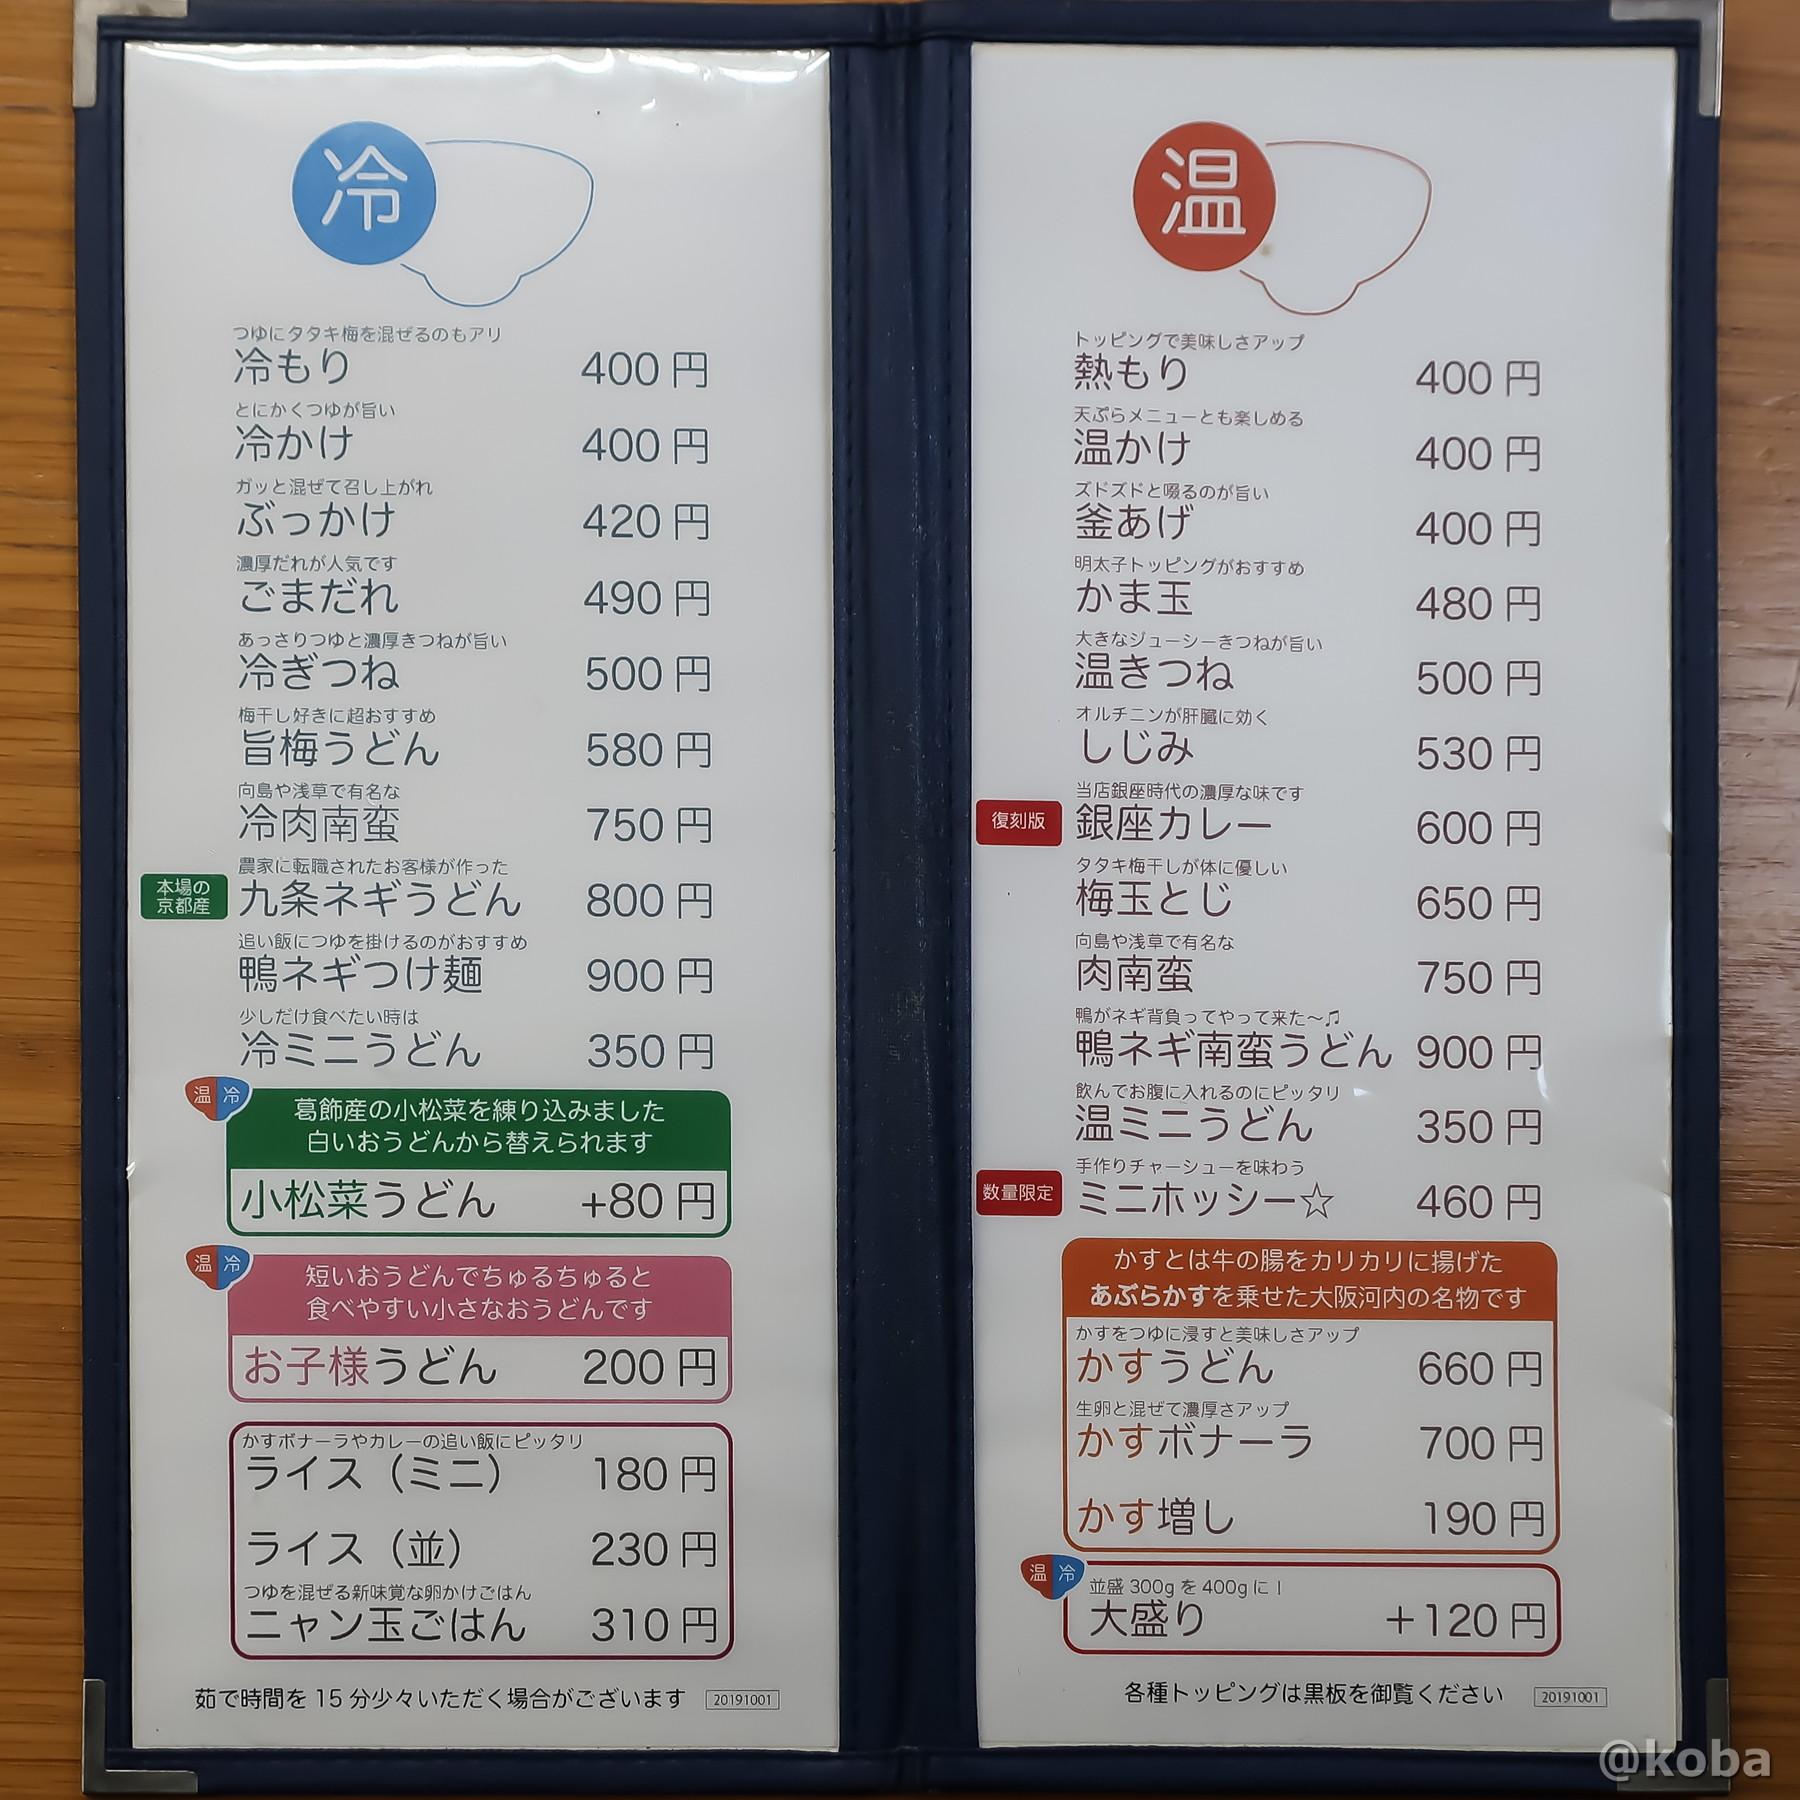 メニューの写真 四ツ木製麺所(よつぎせいめんじょ)うどんランチ 食事処 東京都葛飾区・立石